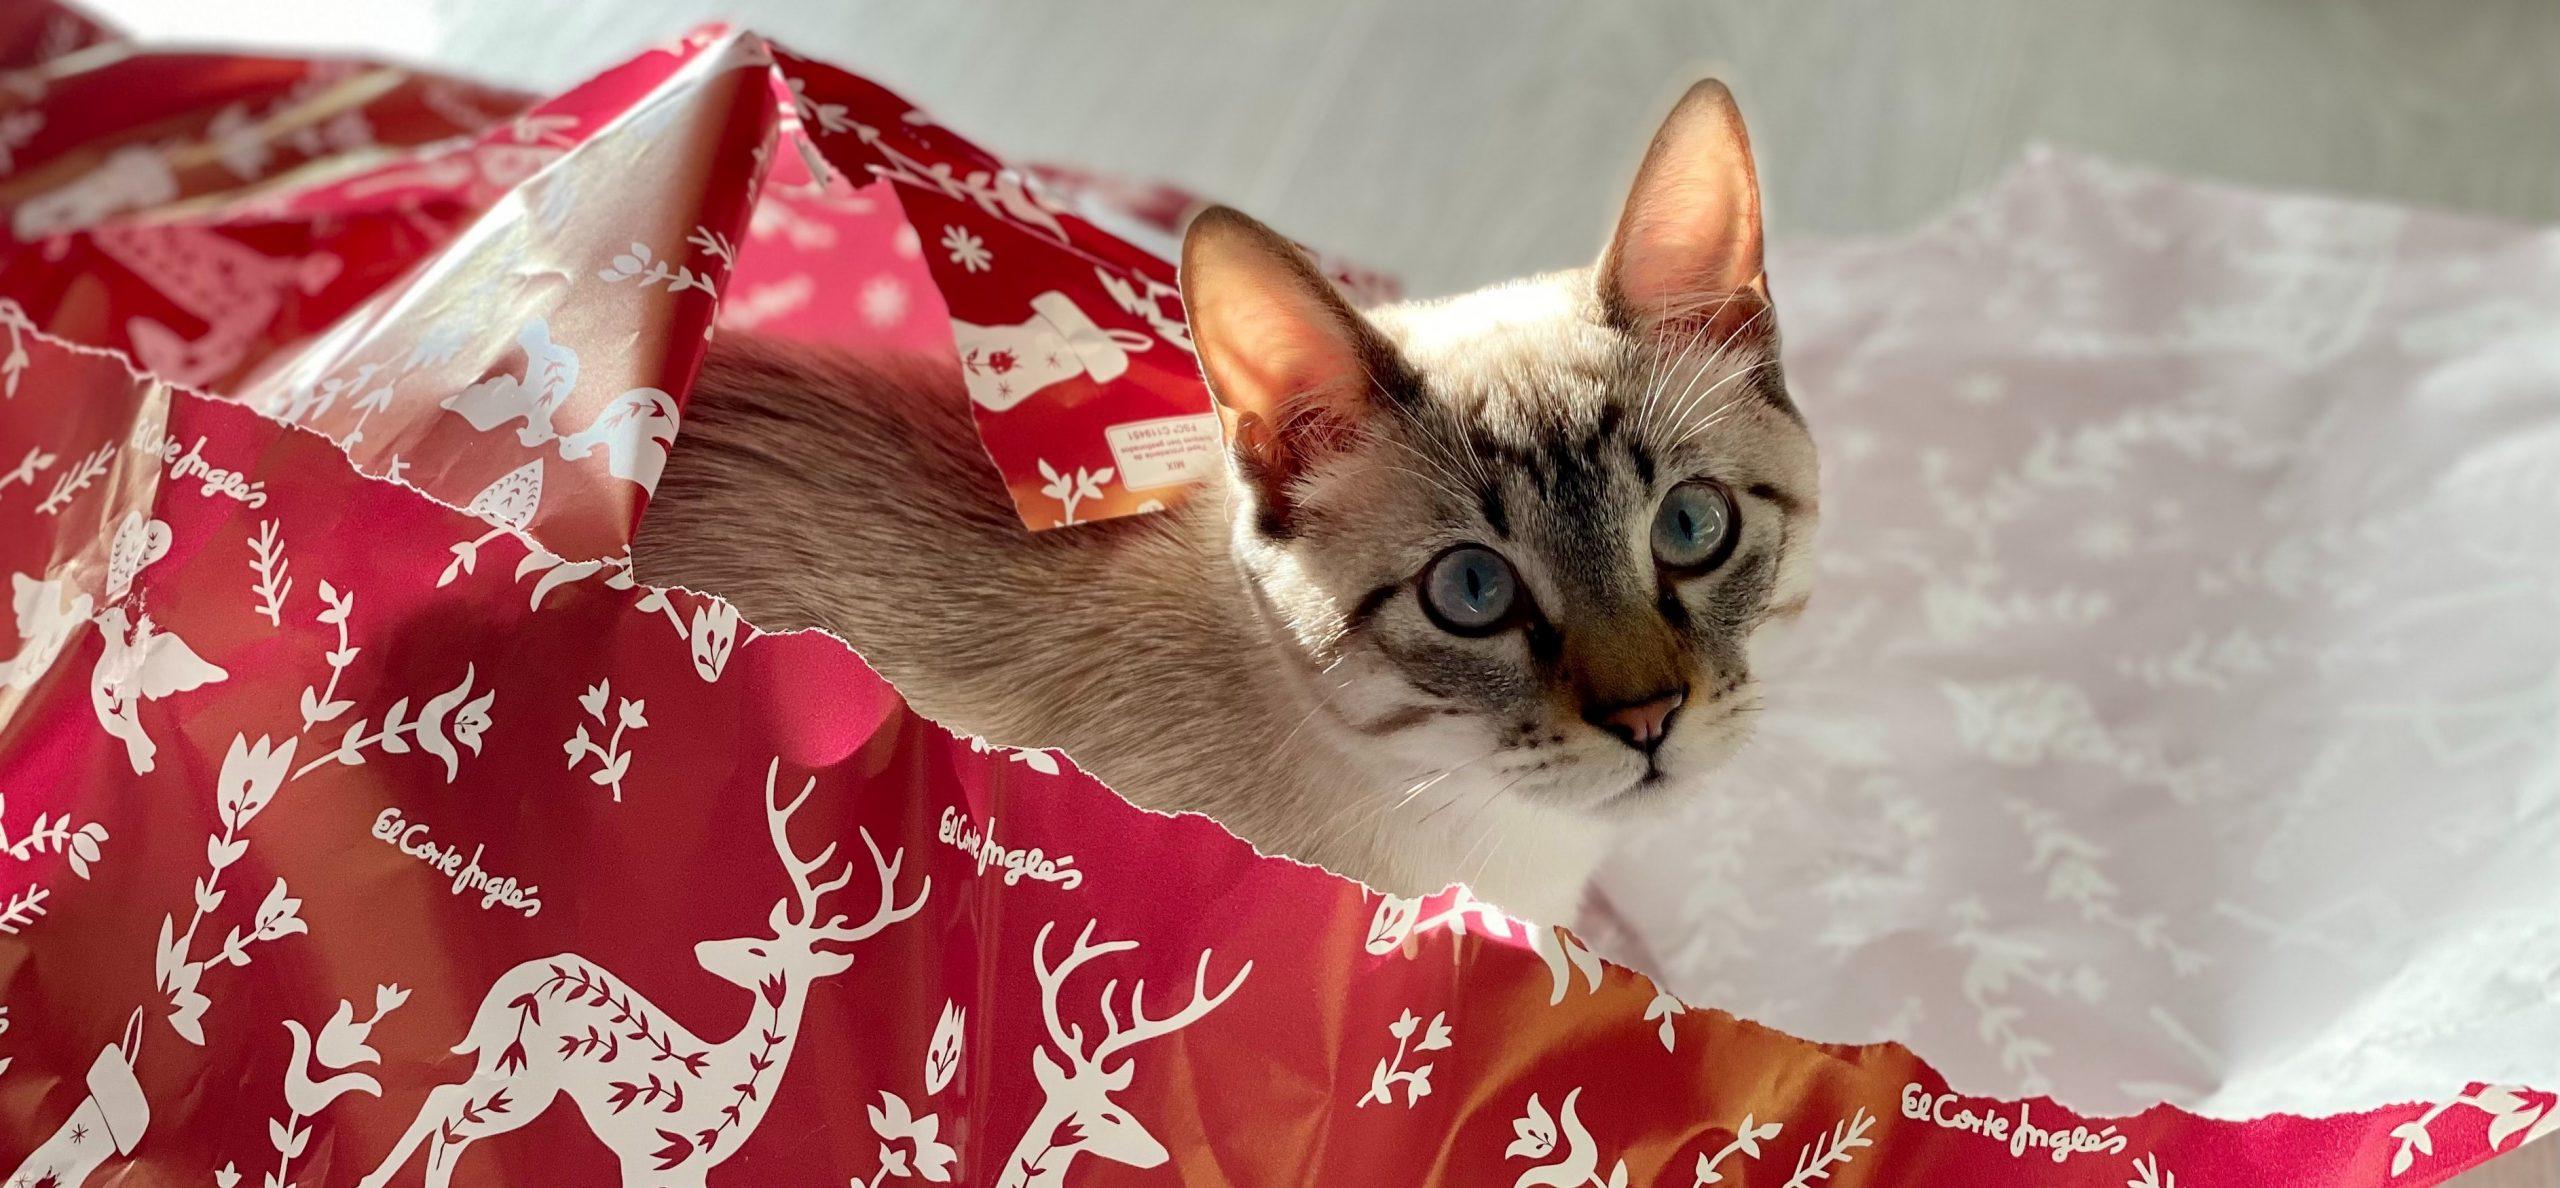 Cadeau de Noël pour chat - La Box Naturelle